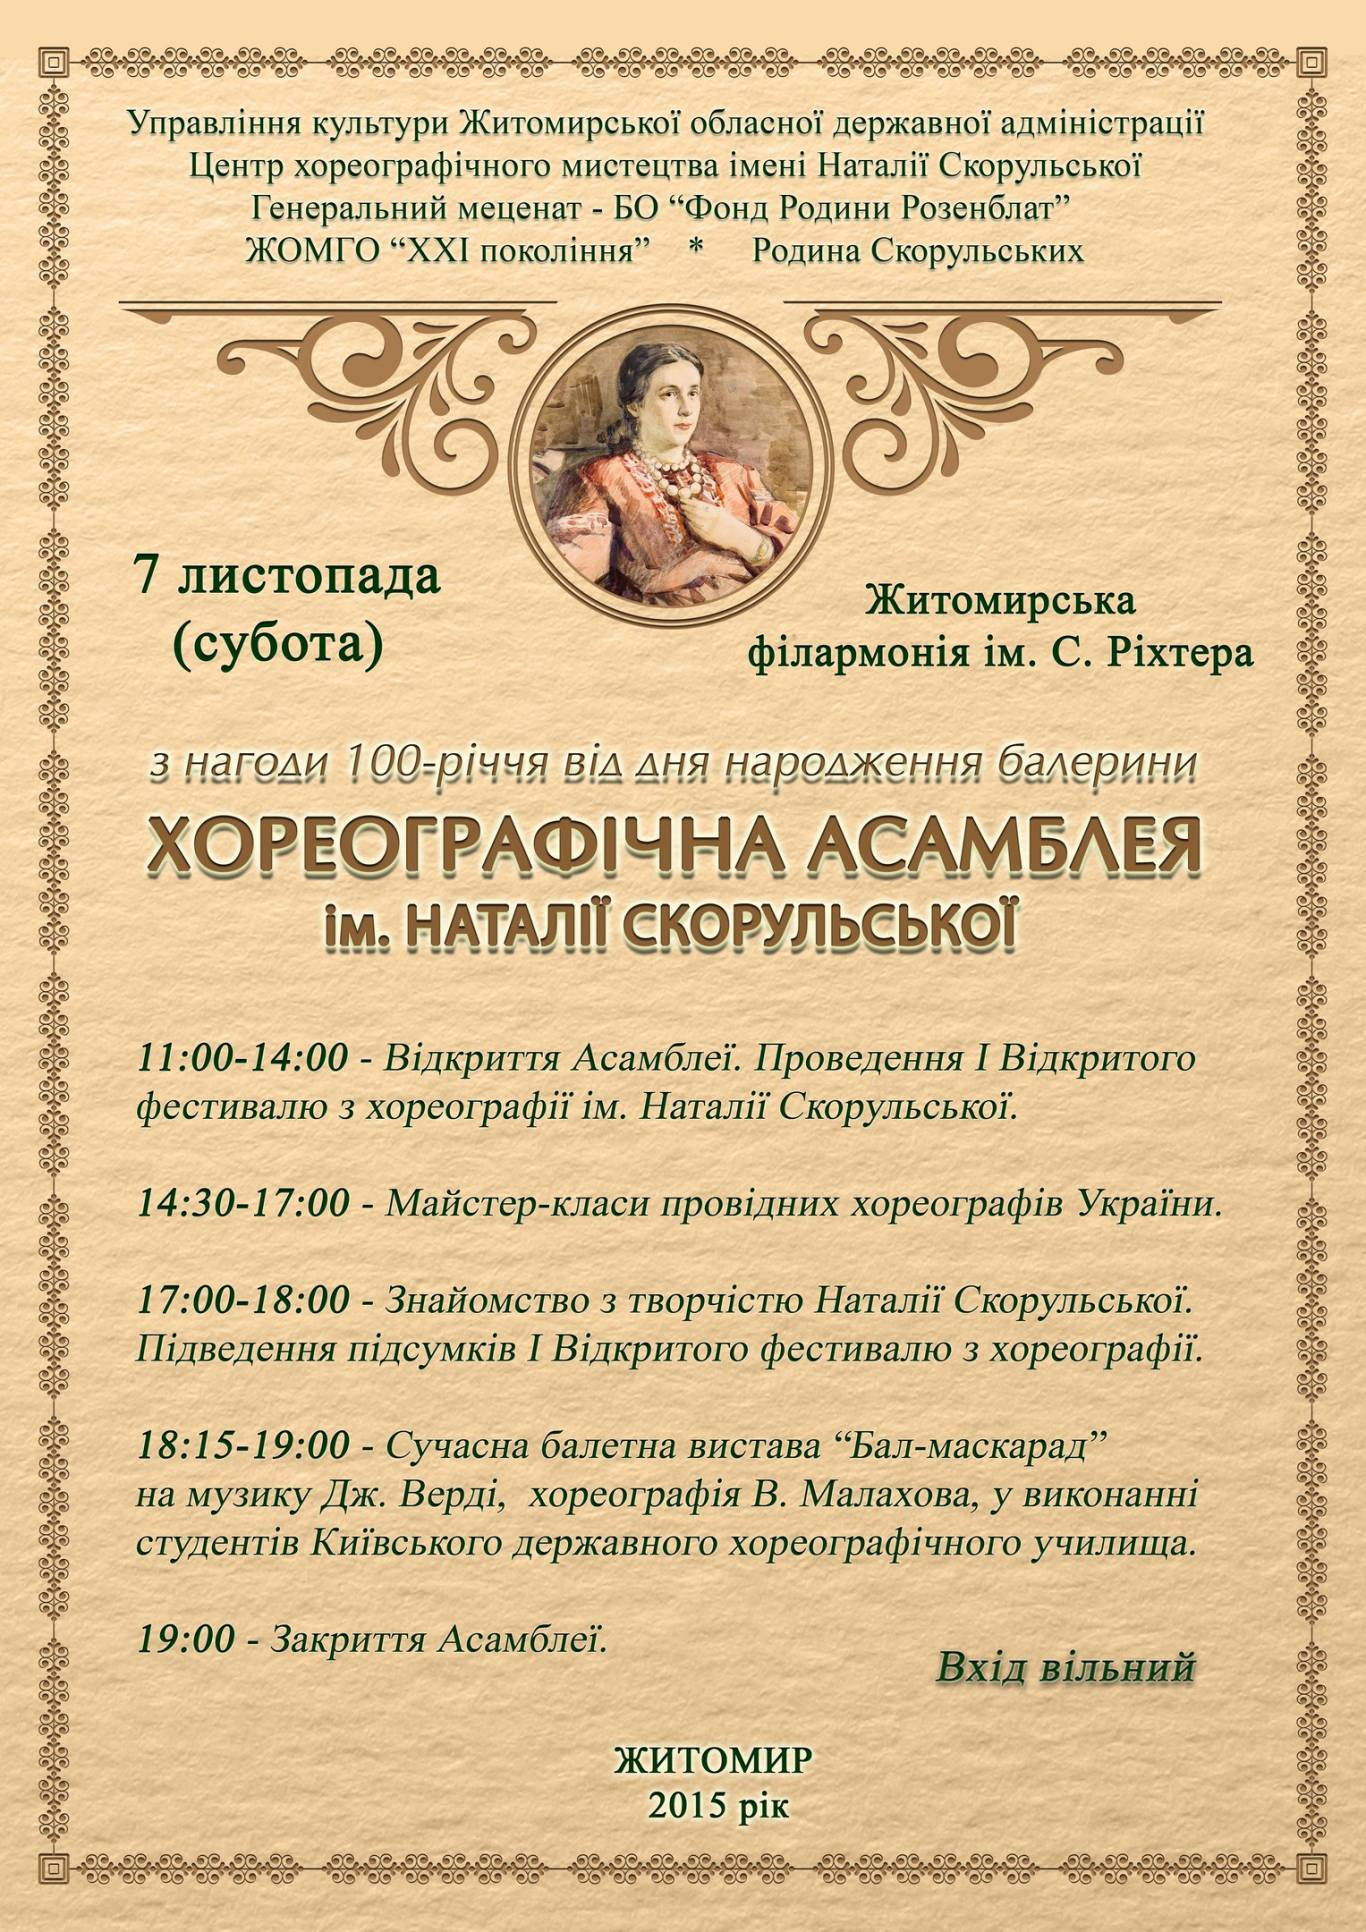 Перша Хореографічна Асамблея з нагоди 100-річчя від дня народження Наталії Скорульсько